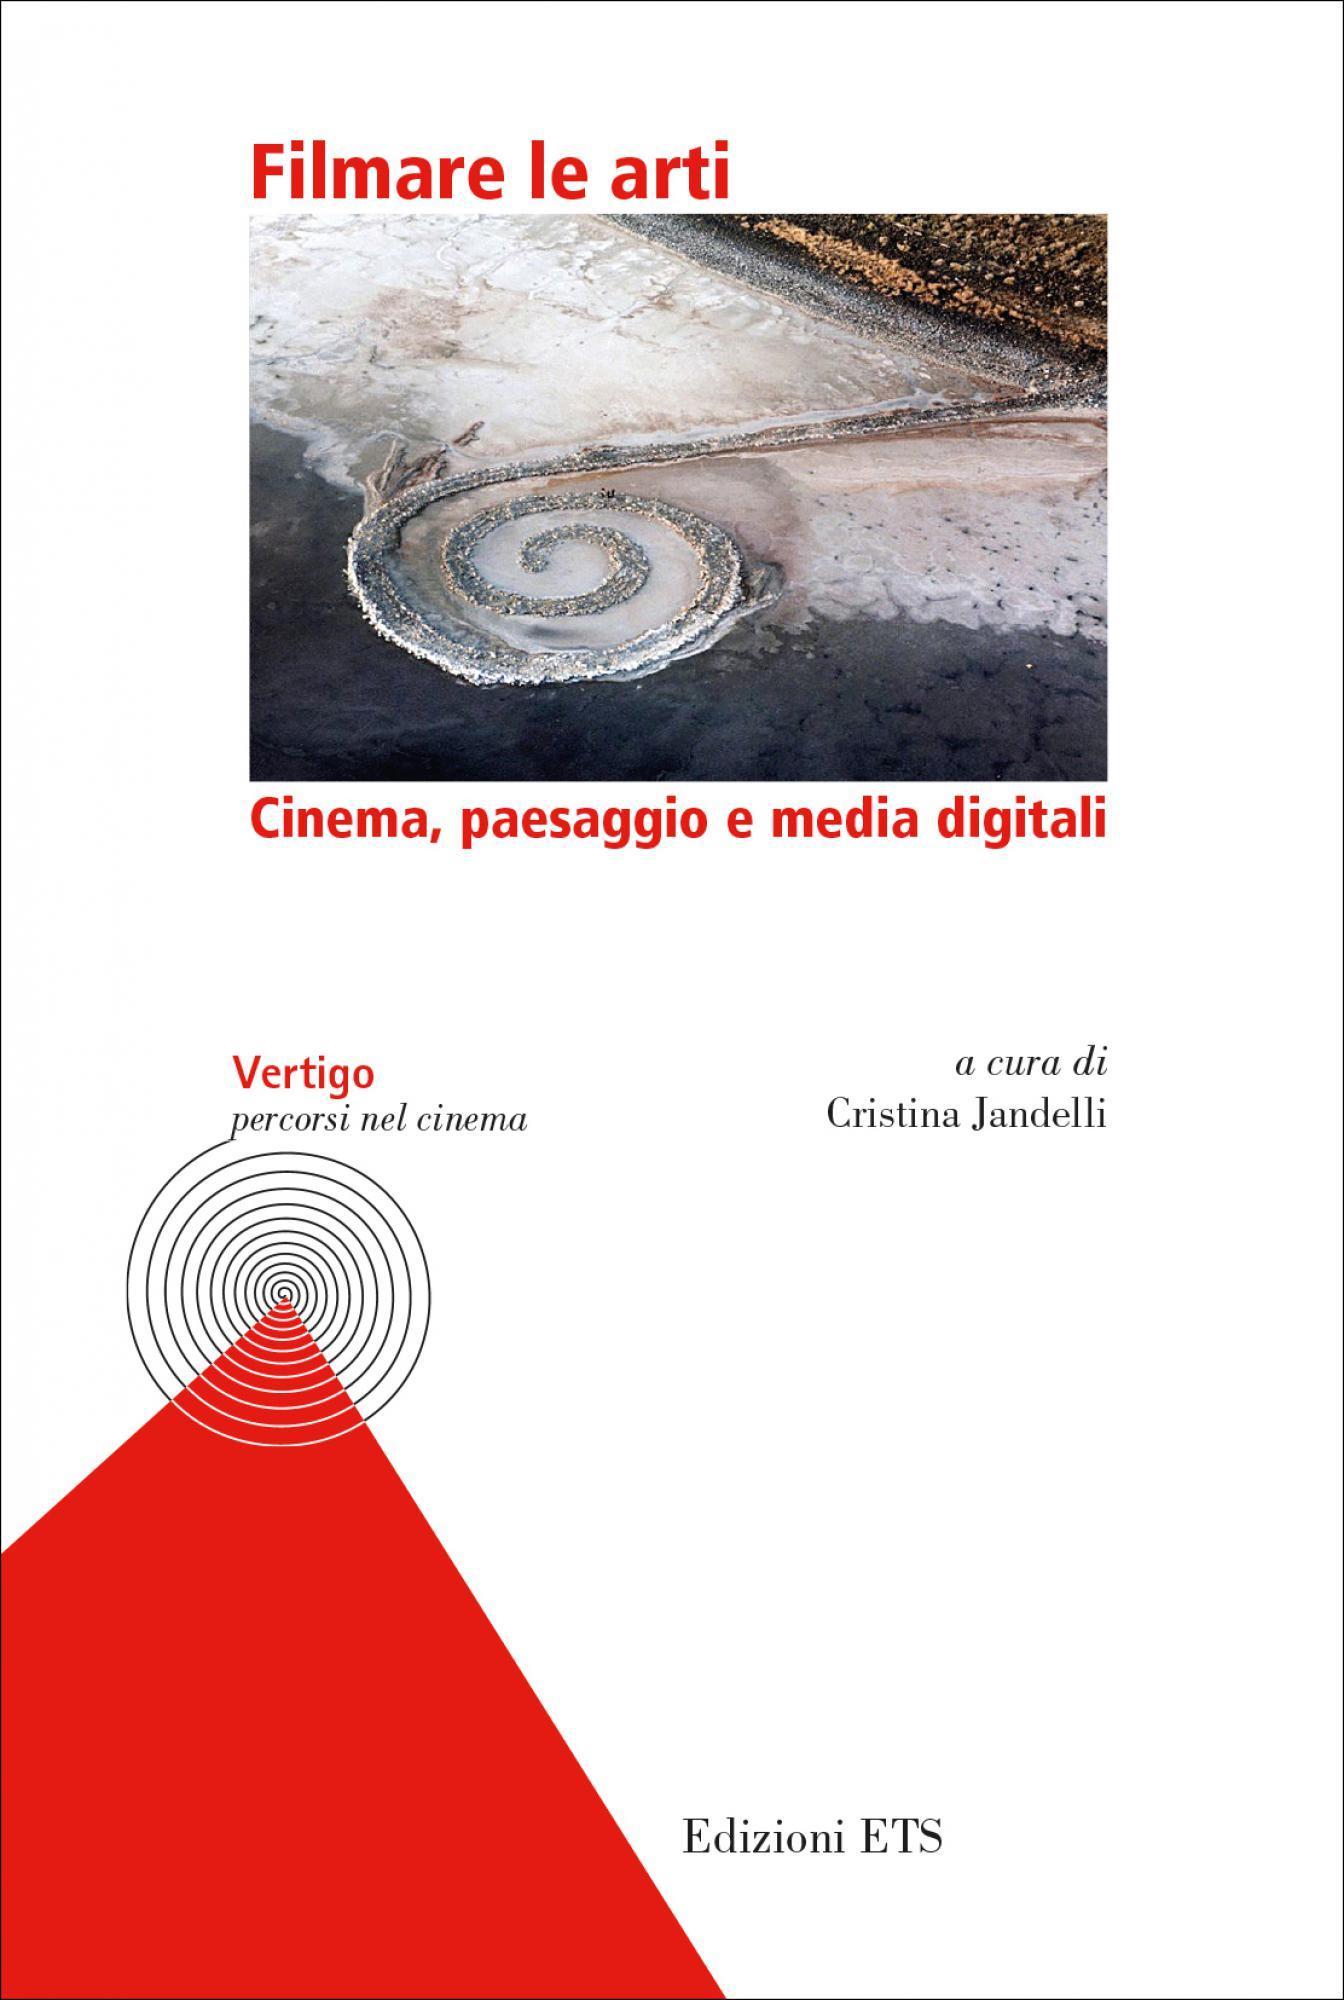 Filmare le arti.Cinema, paesaggio e media digitali